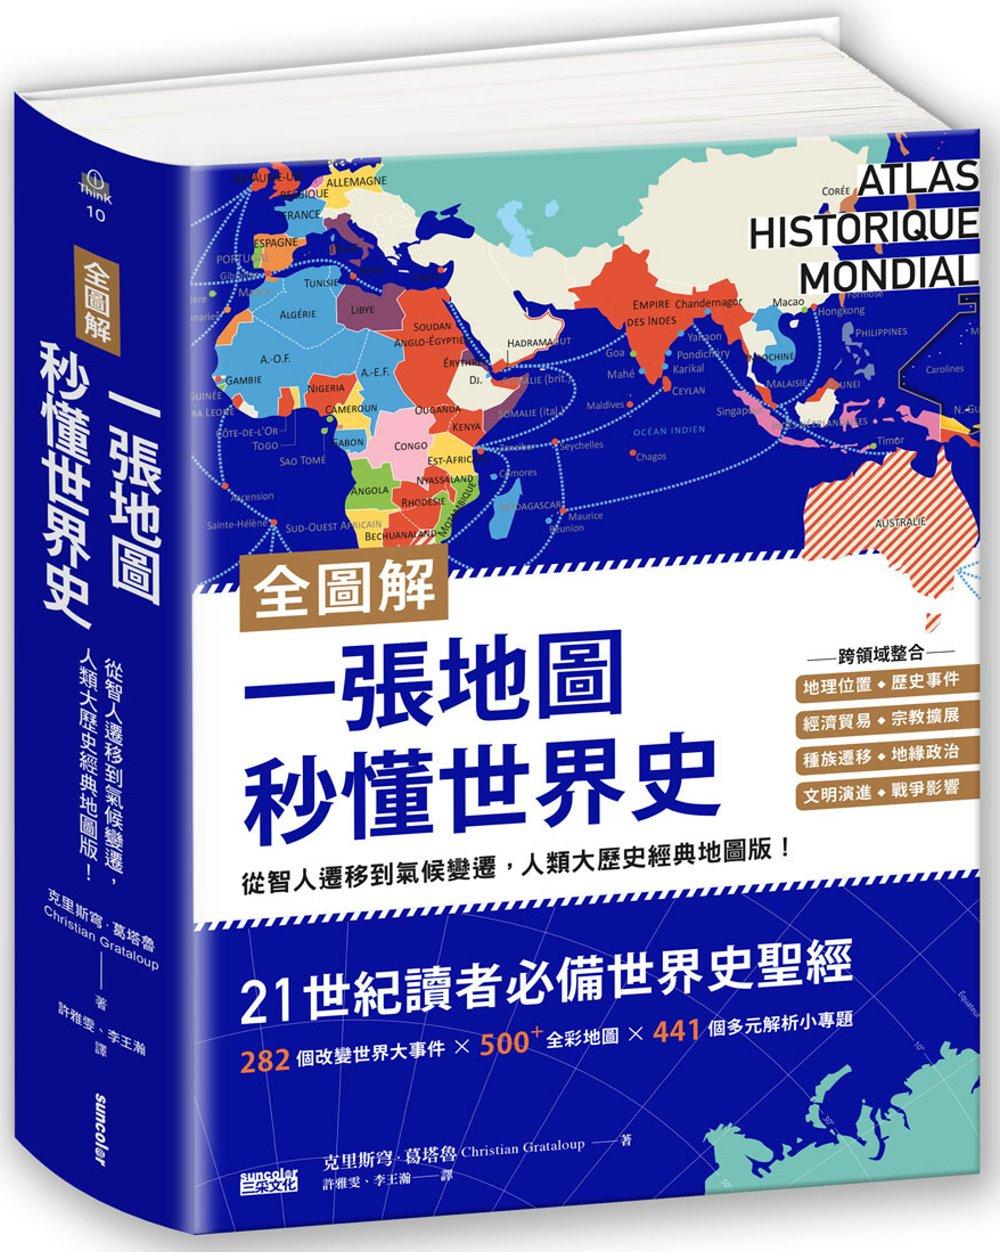 【全圖解】一張地圖秒懂世界史:...